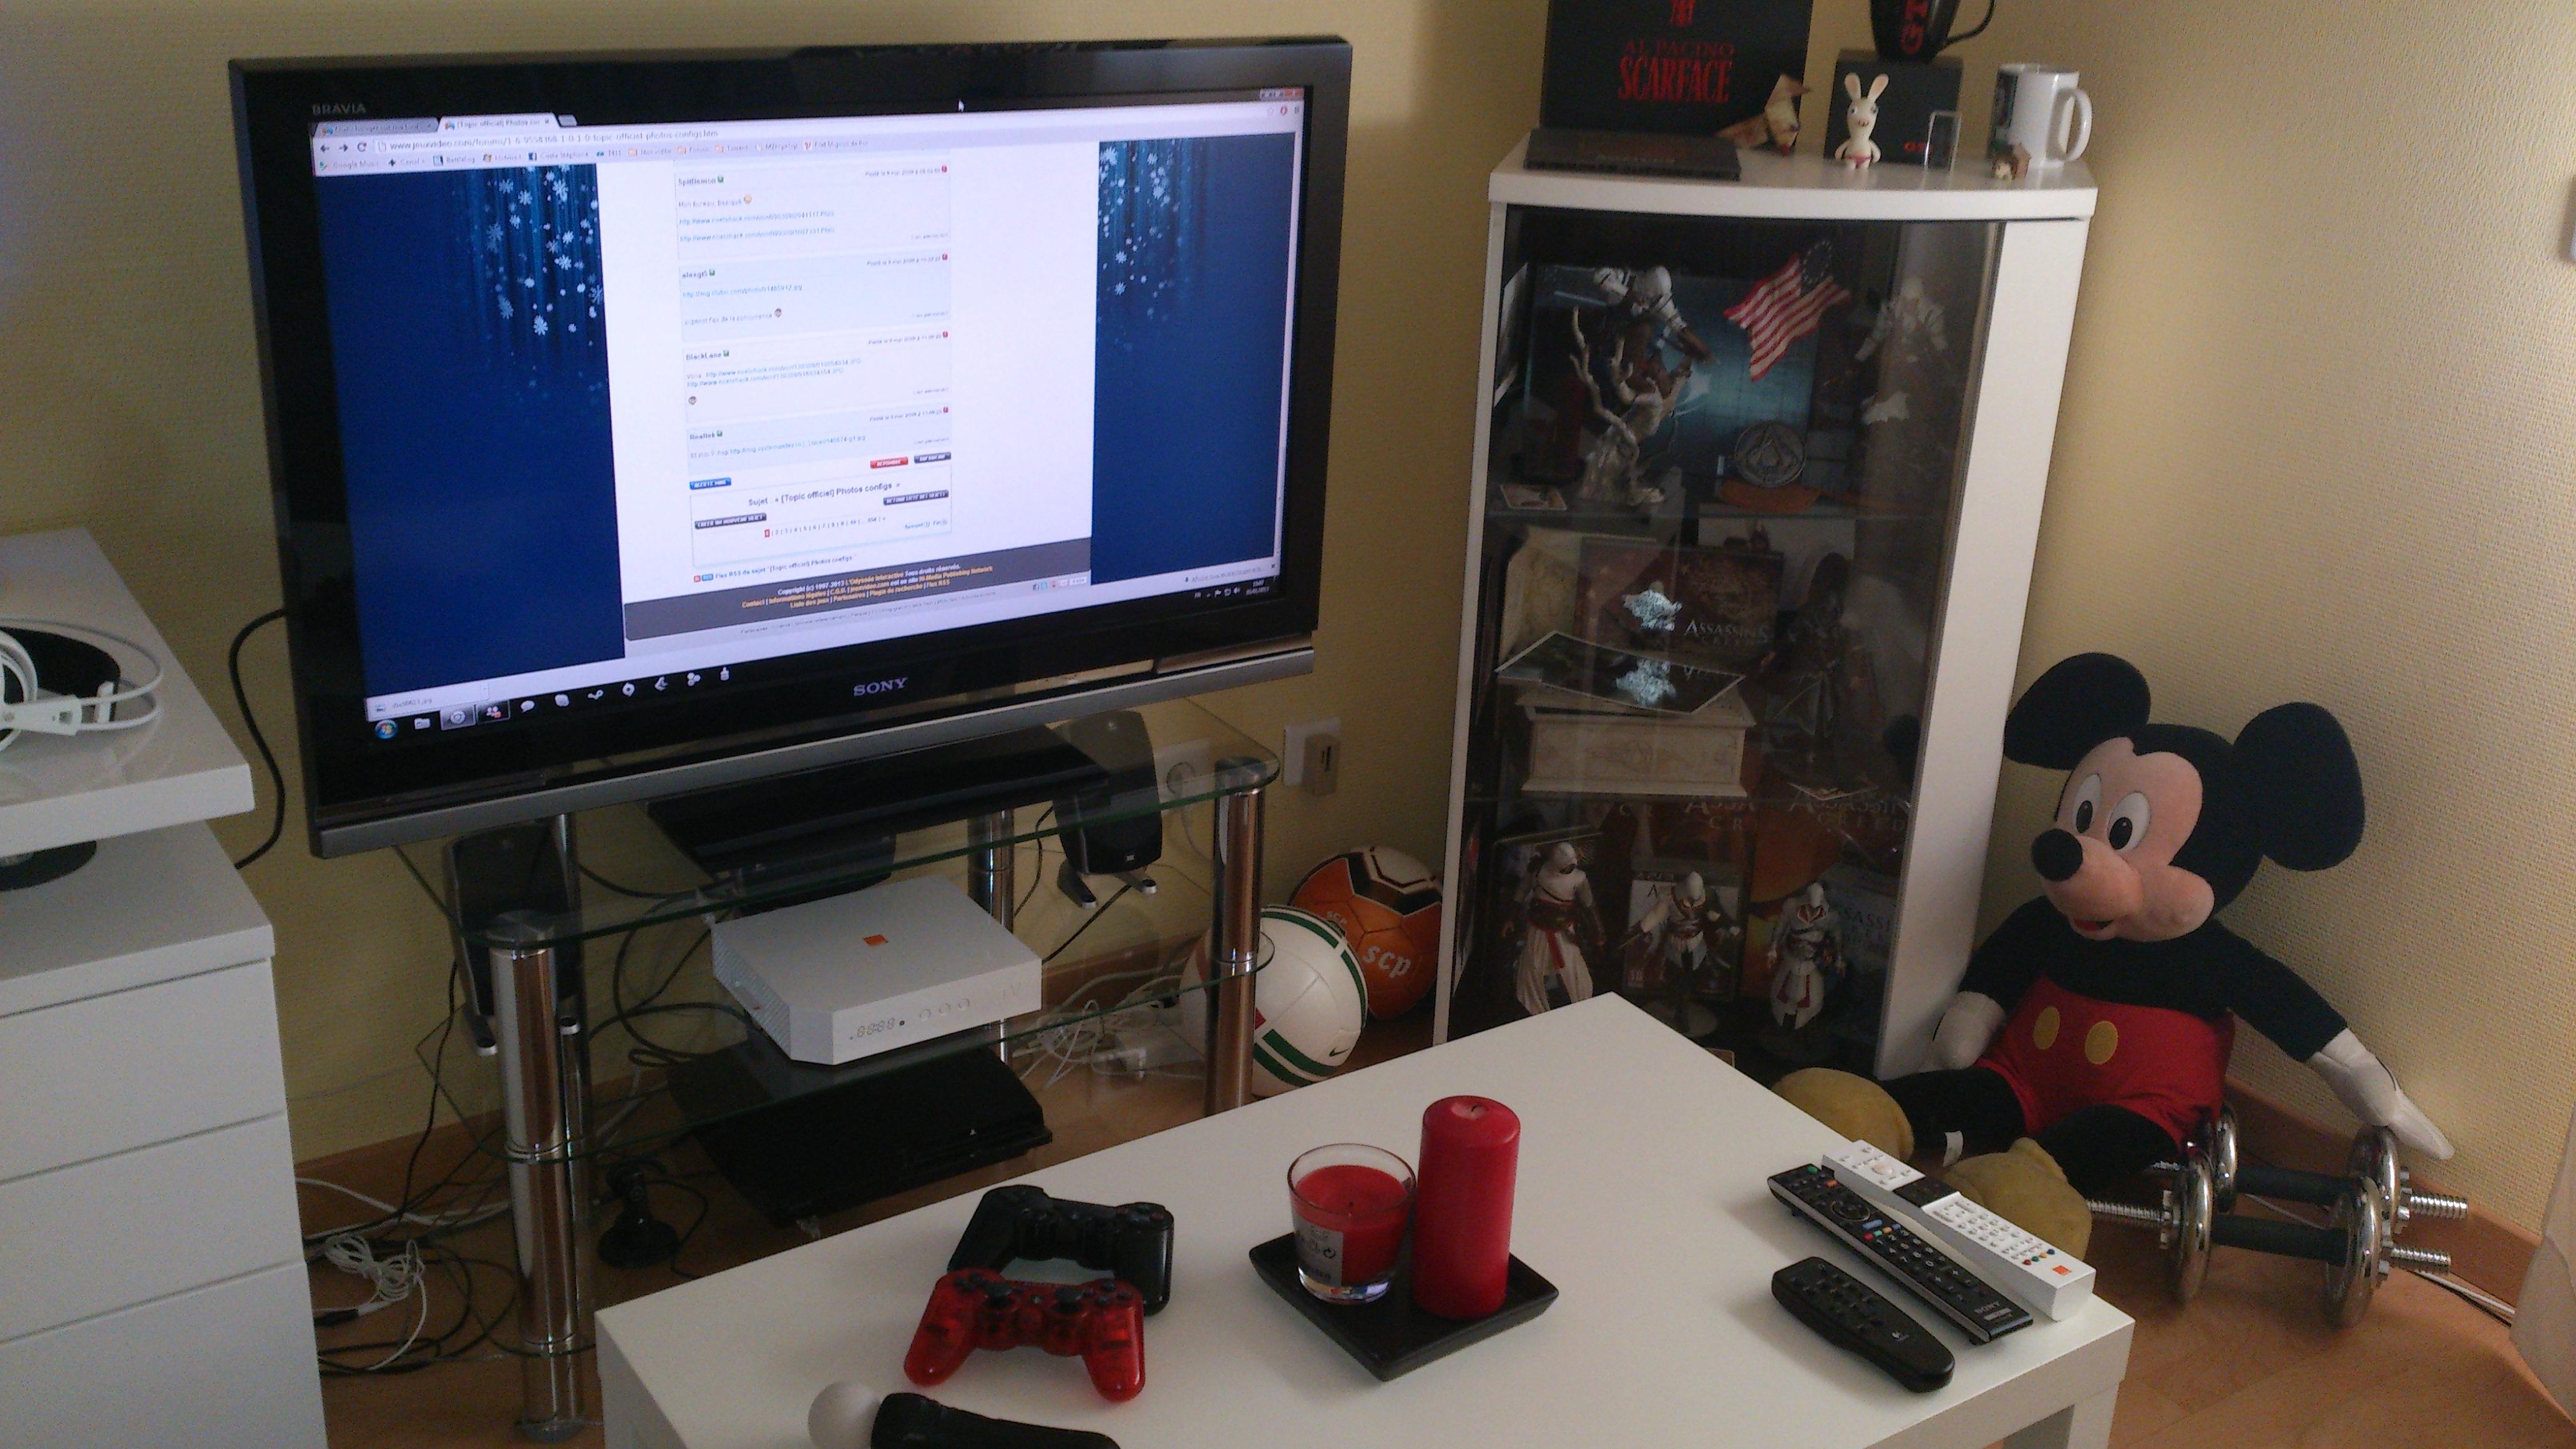 aide pc gamer sur tv hd sur le forum informatique 04 02 2013 00 19 26. Black Bedroom Furniture Sets. Home Design Ideas